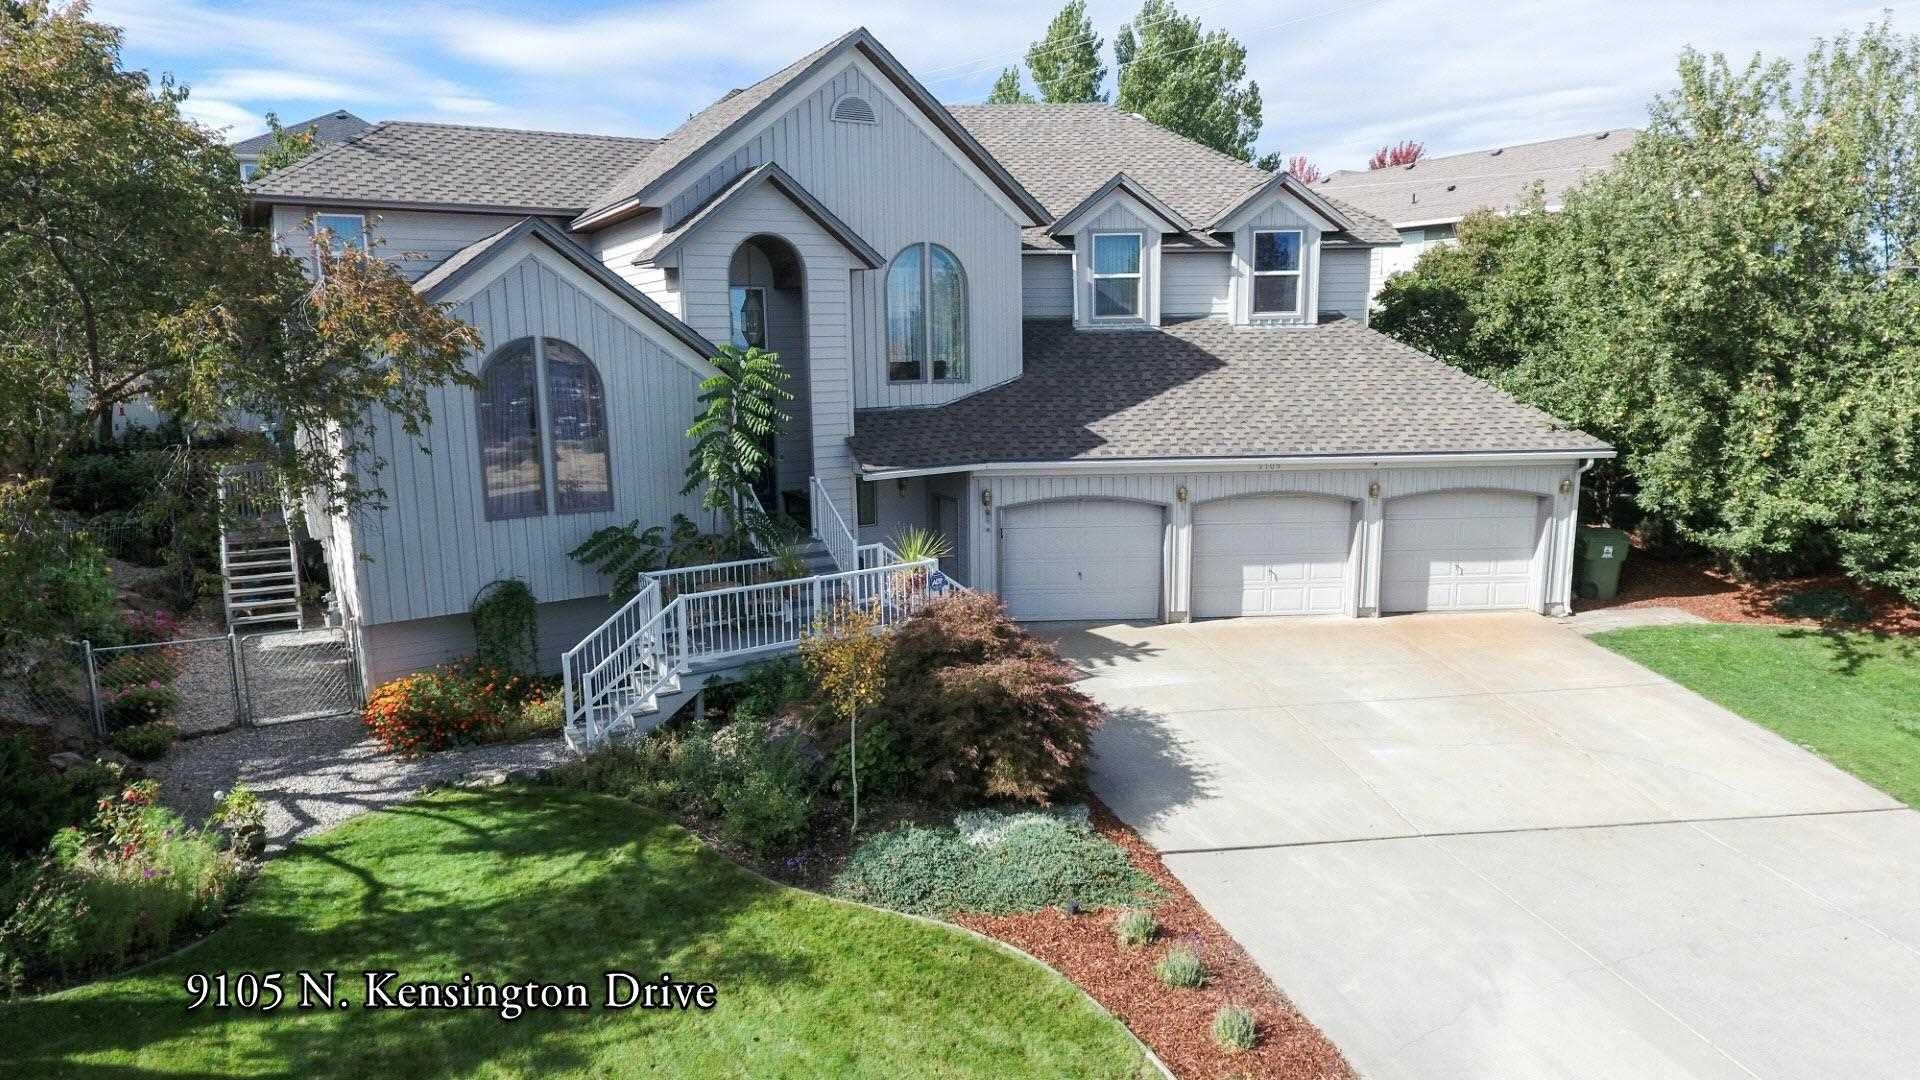 9105 N Kensington Dr, Spokane, WA 99208-8882 - #: 202123266